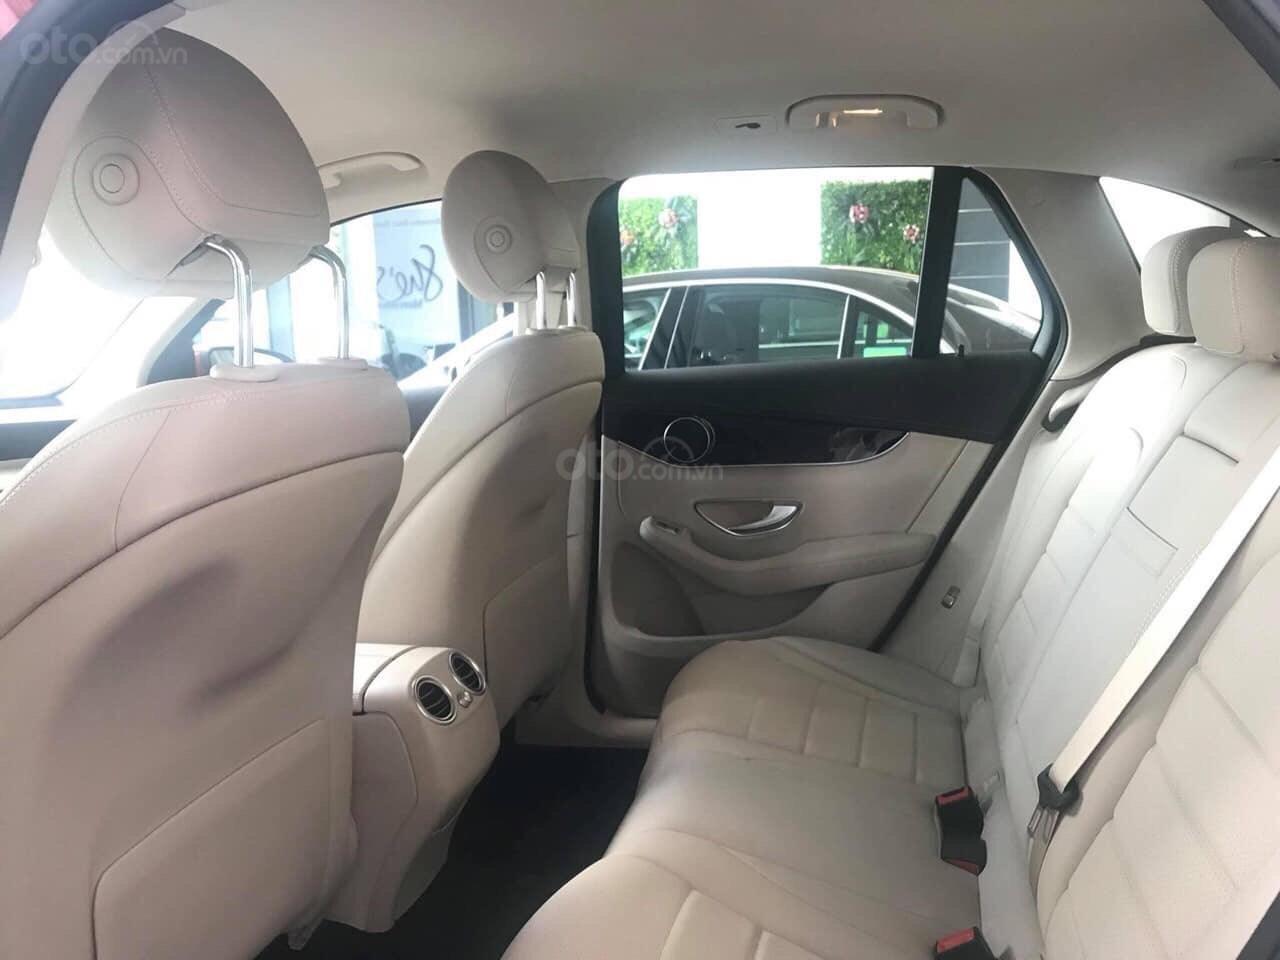 Giá xe Mercedes GLC 200 2019 khuyến mãi, thông số, giá lăn bánh 12/2019 tặng 50% phí trước bạ (2)